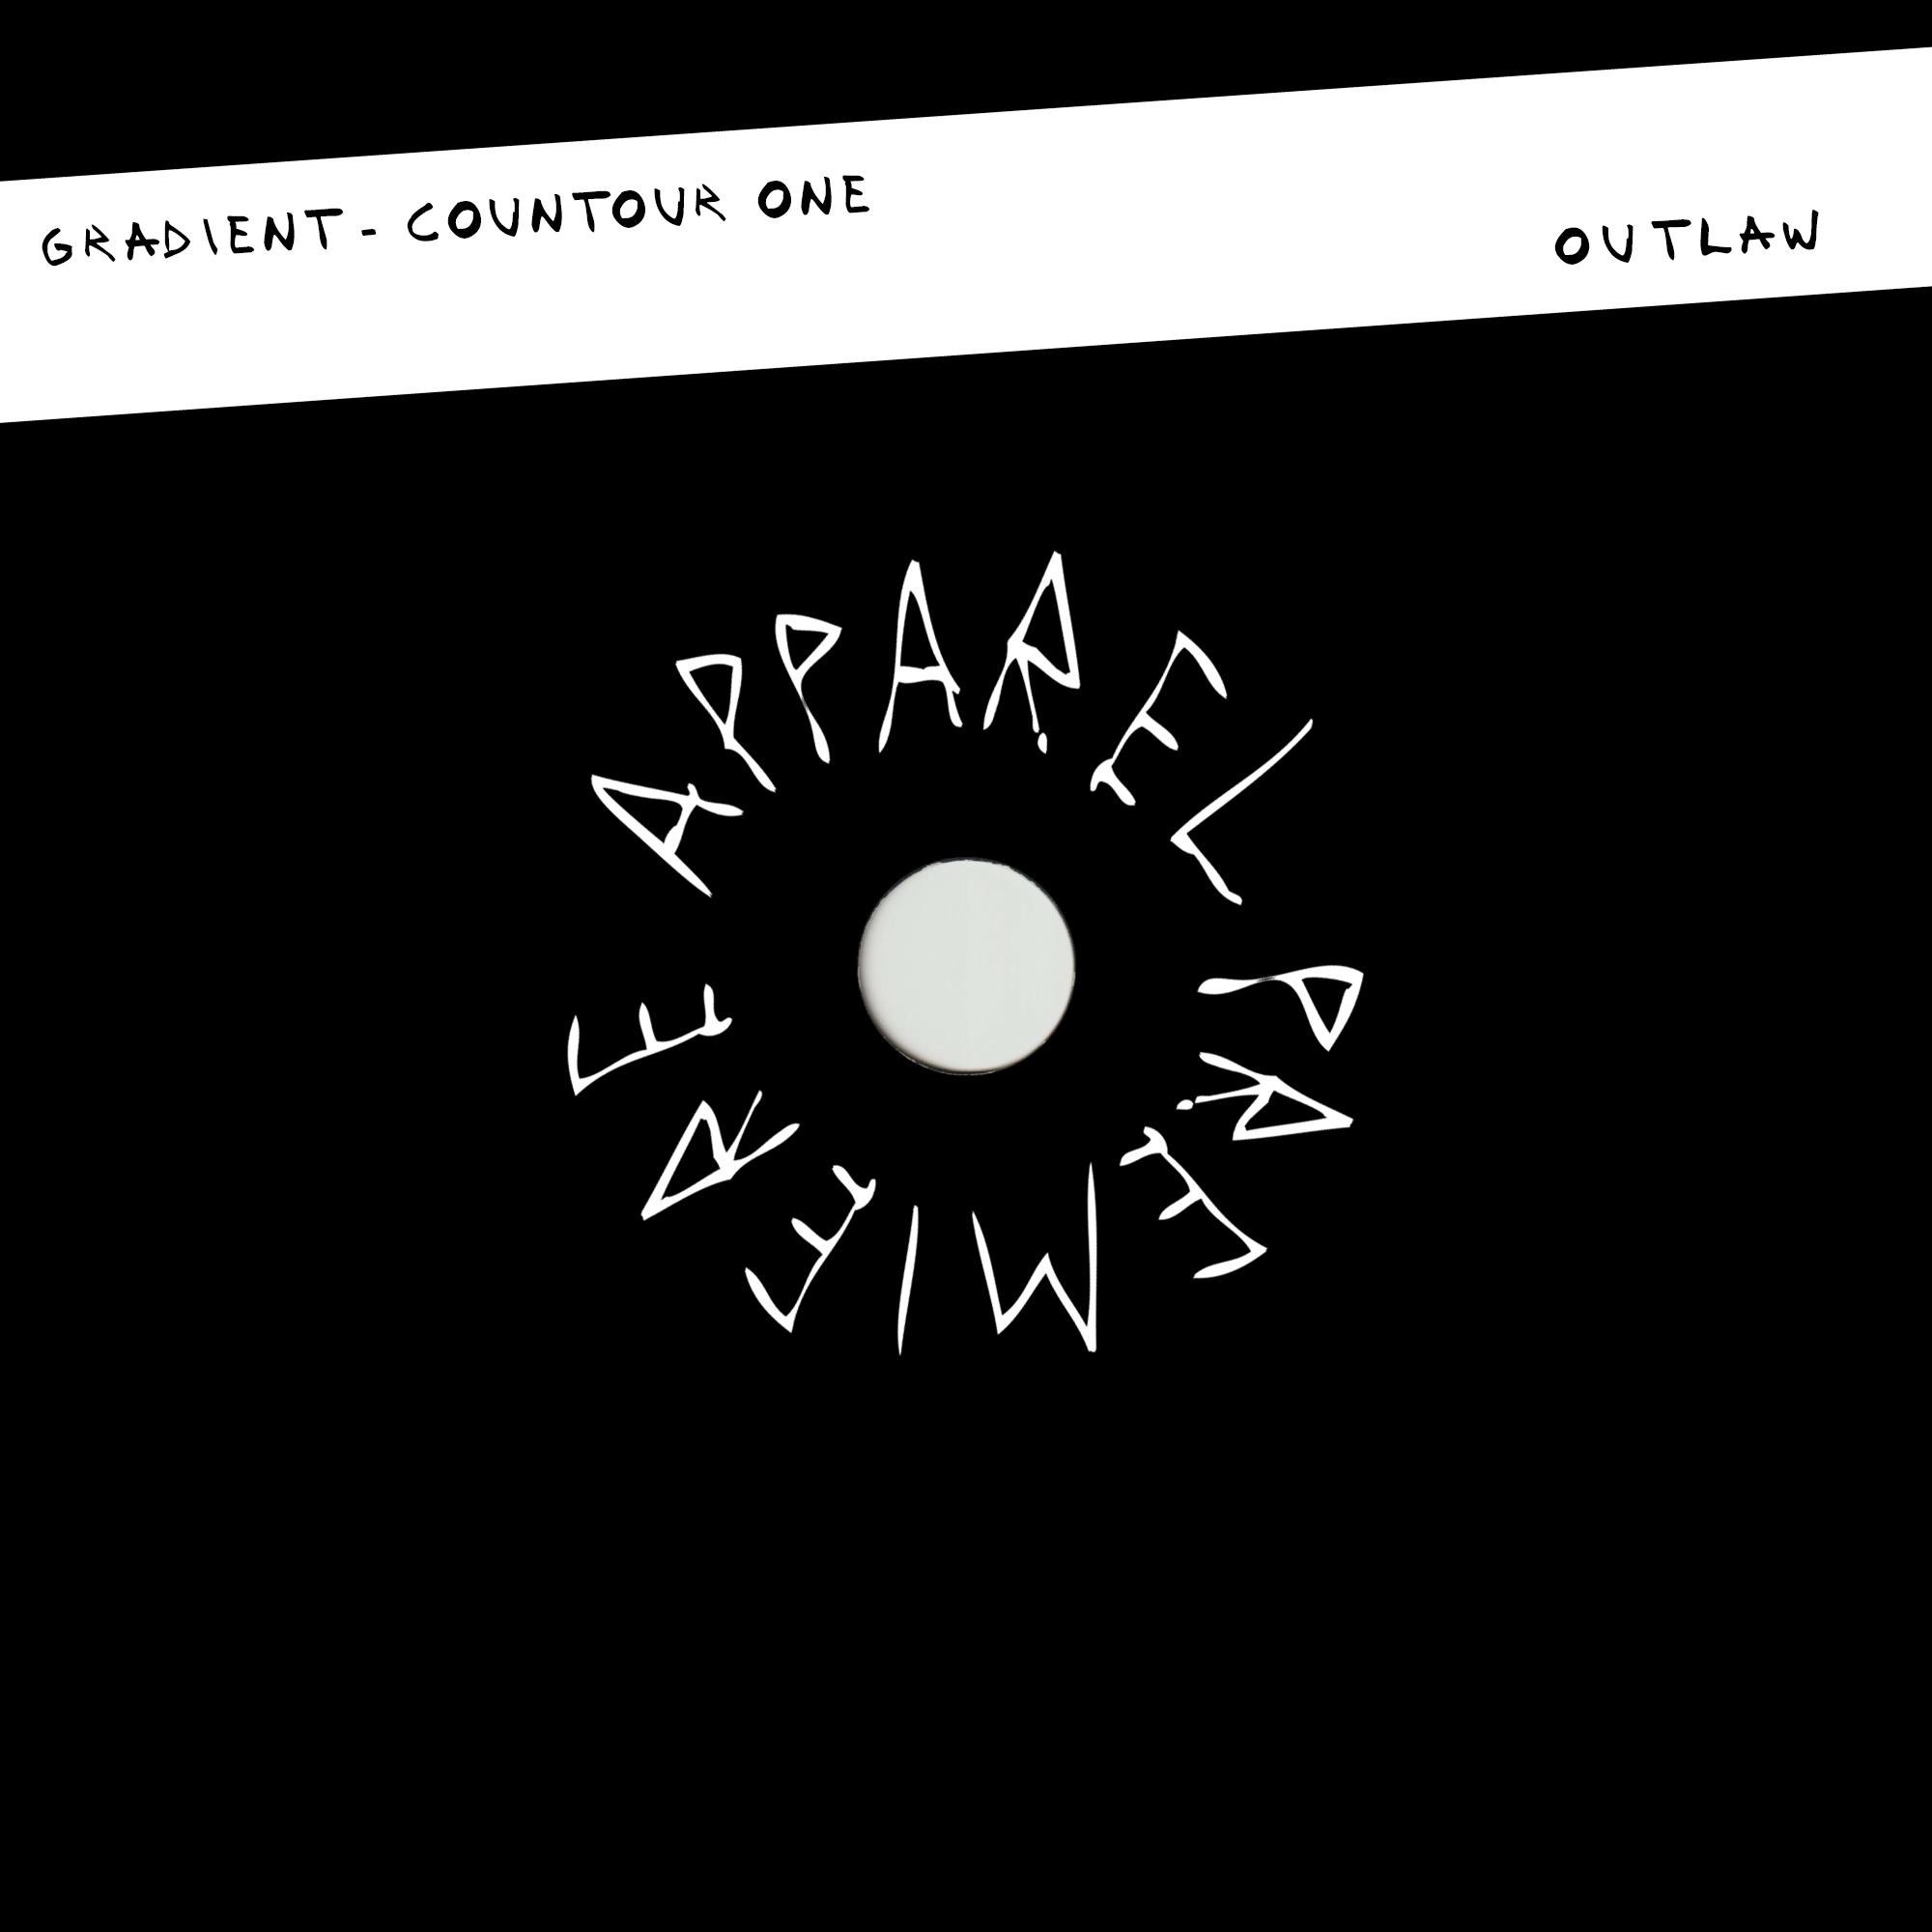 APPAREL PREMIERE Gradient – Countour One [Outlaw] Artwork